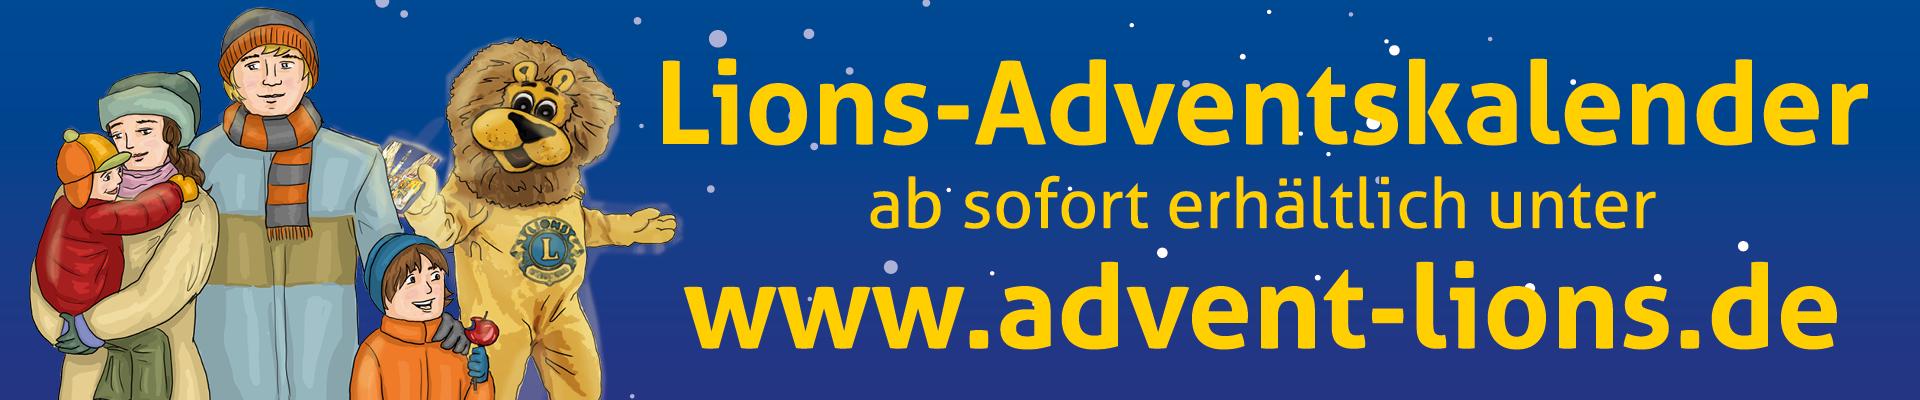 Lions Adventskalender 2019